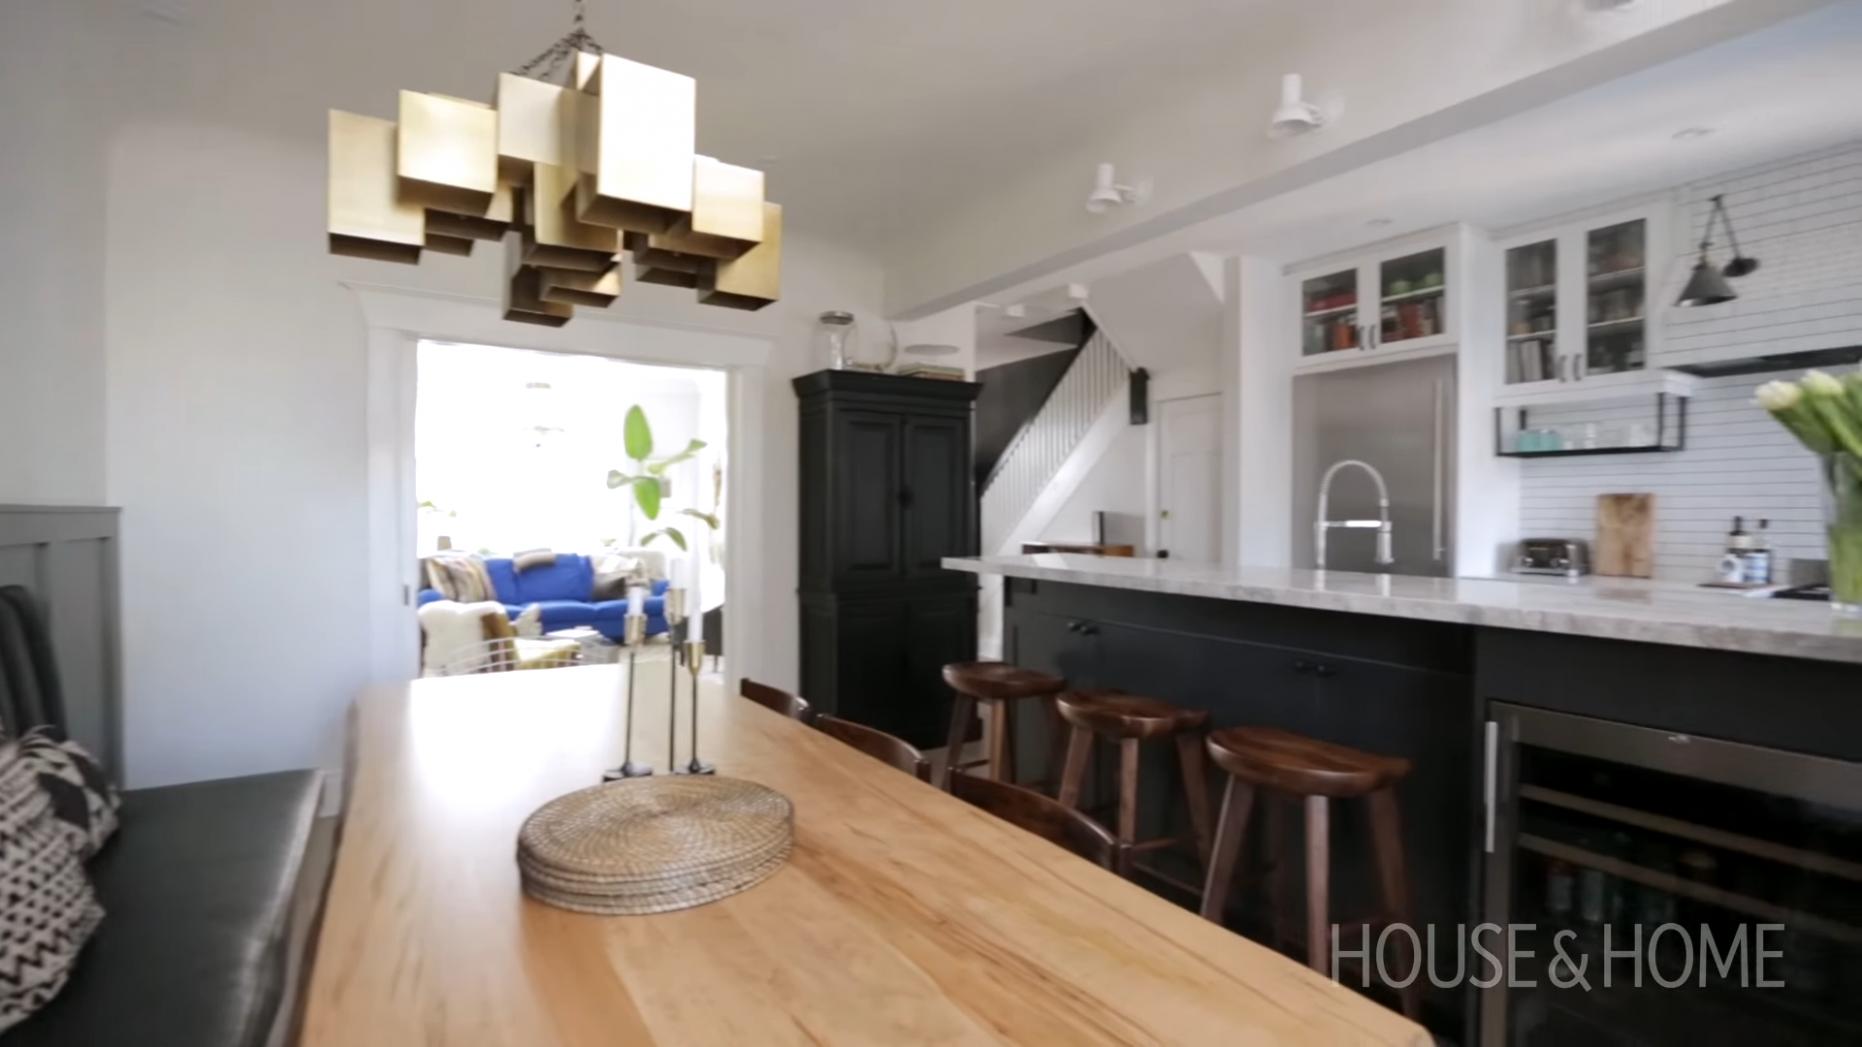 banquette ideas, modern, clean kitchen, dining room replacement  - Dining Room Replacement Ideas